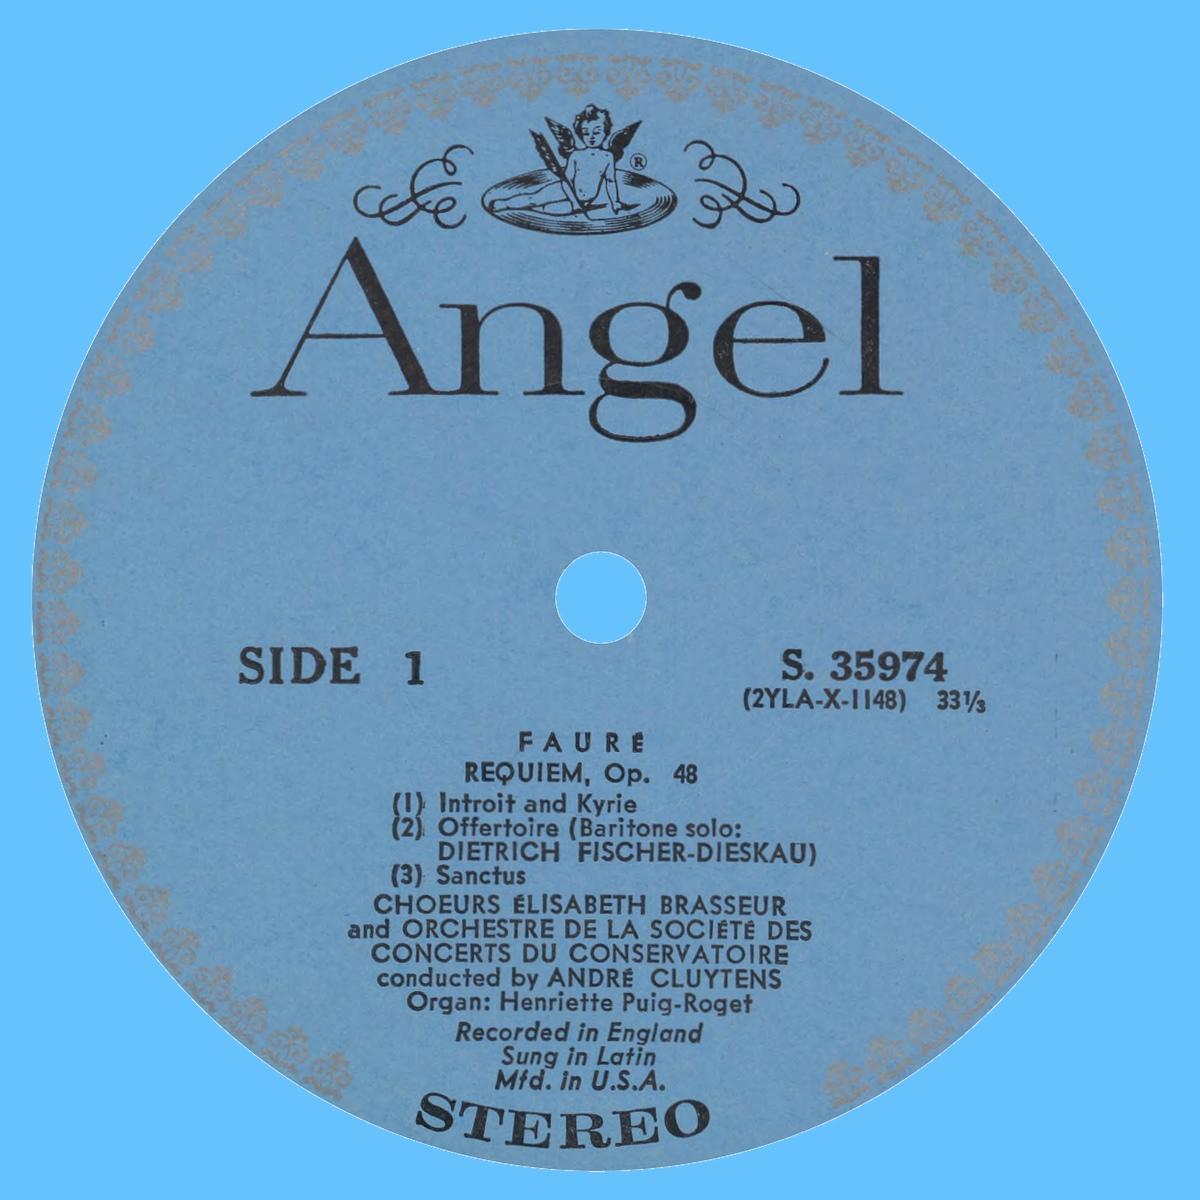 Étiquette recto du disque Angel S 35974